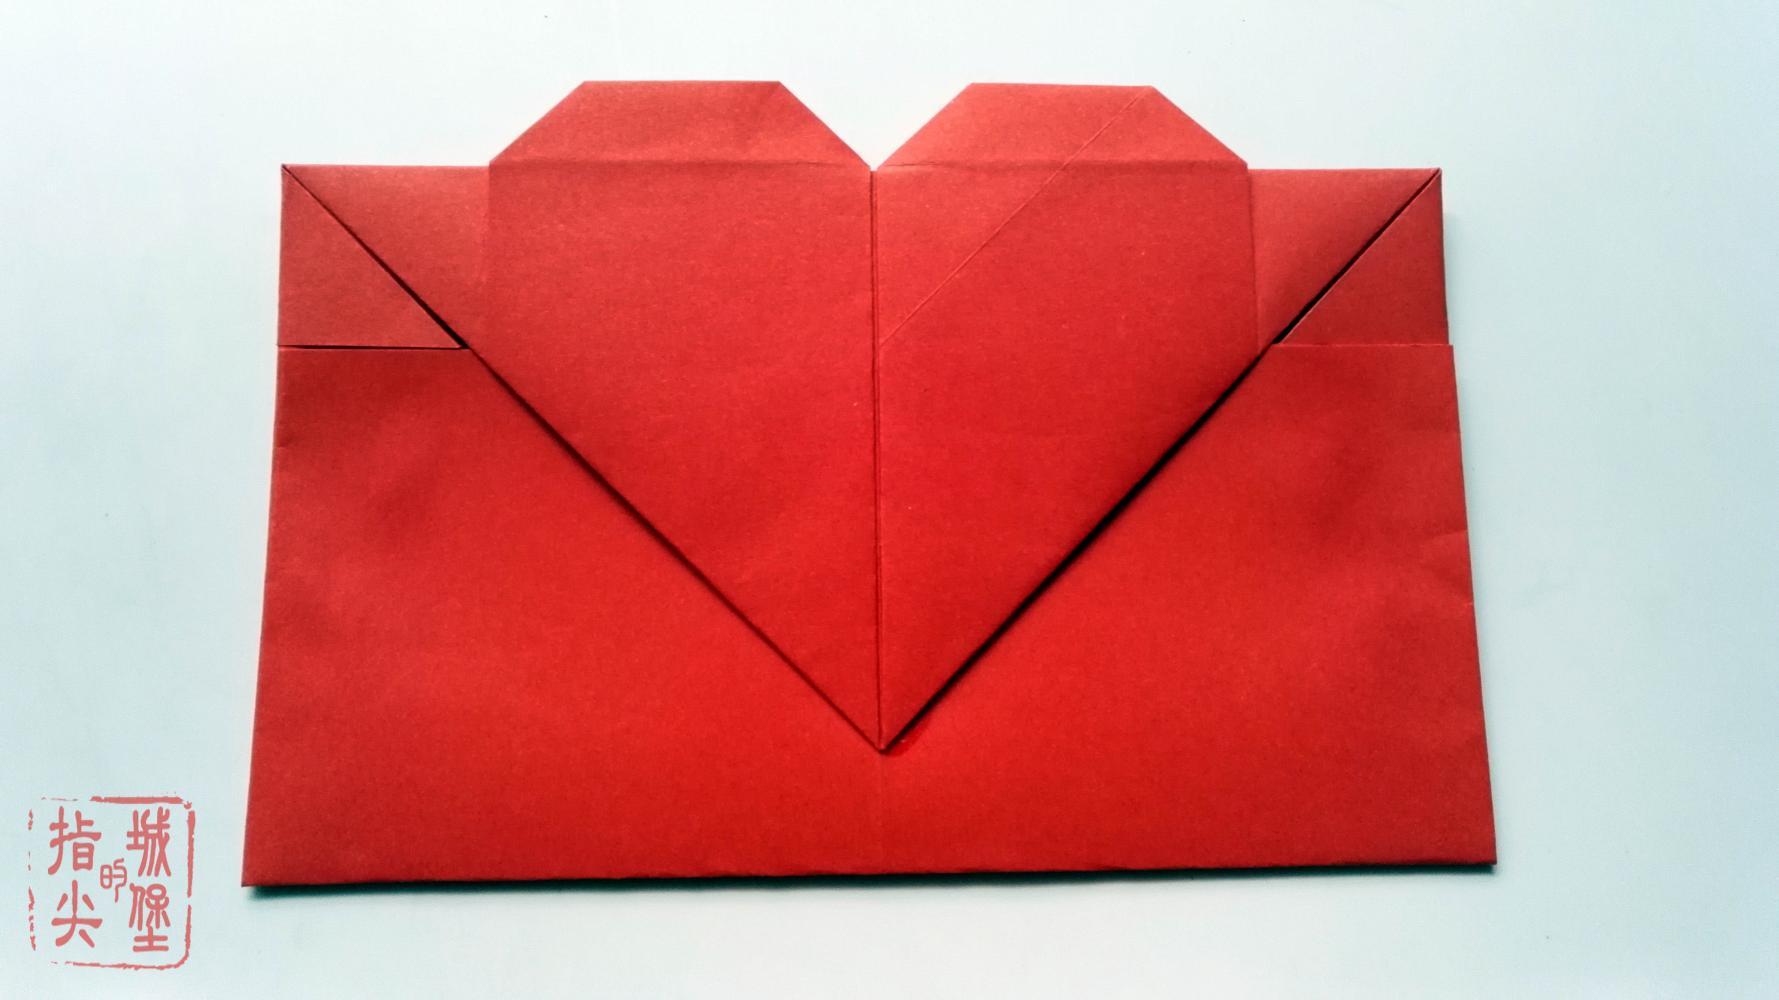 把写好的信纸放到里面的袋里,最后用胶水把爱心粘到信封上就可以了,是不是挺简单的呢?大家可以换个彩色的长方形纸,因为大红色用来教程还可以,送人的话,不是太好吧! 亲们需要A4信纸的,可以看下上面的链接哦!